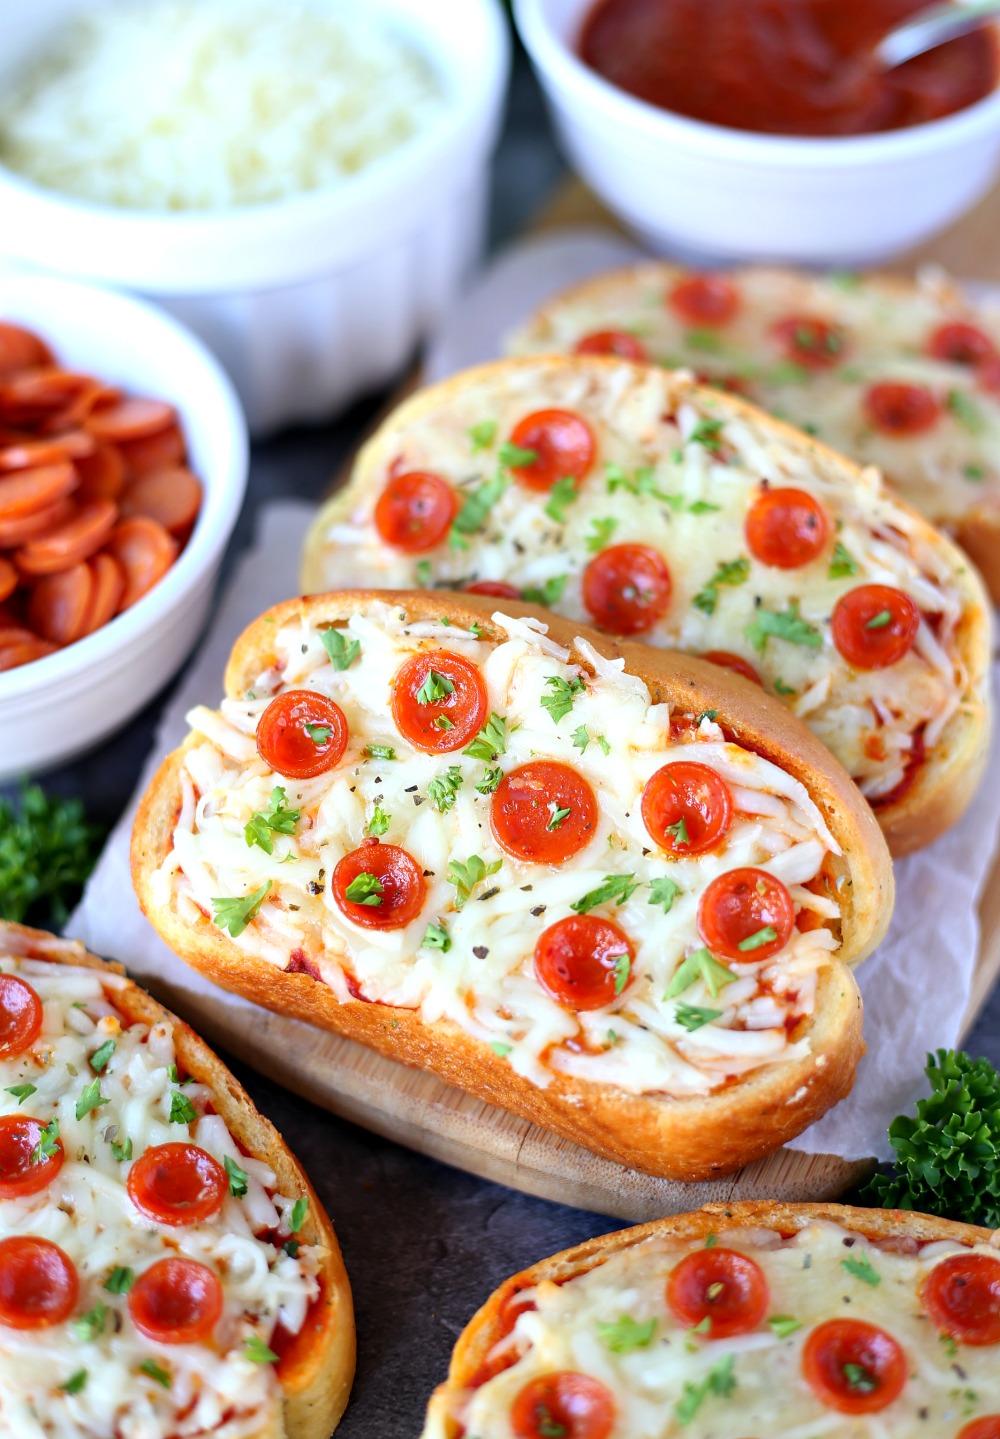 Texas Toast Personal Pizzas